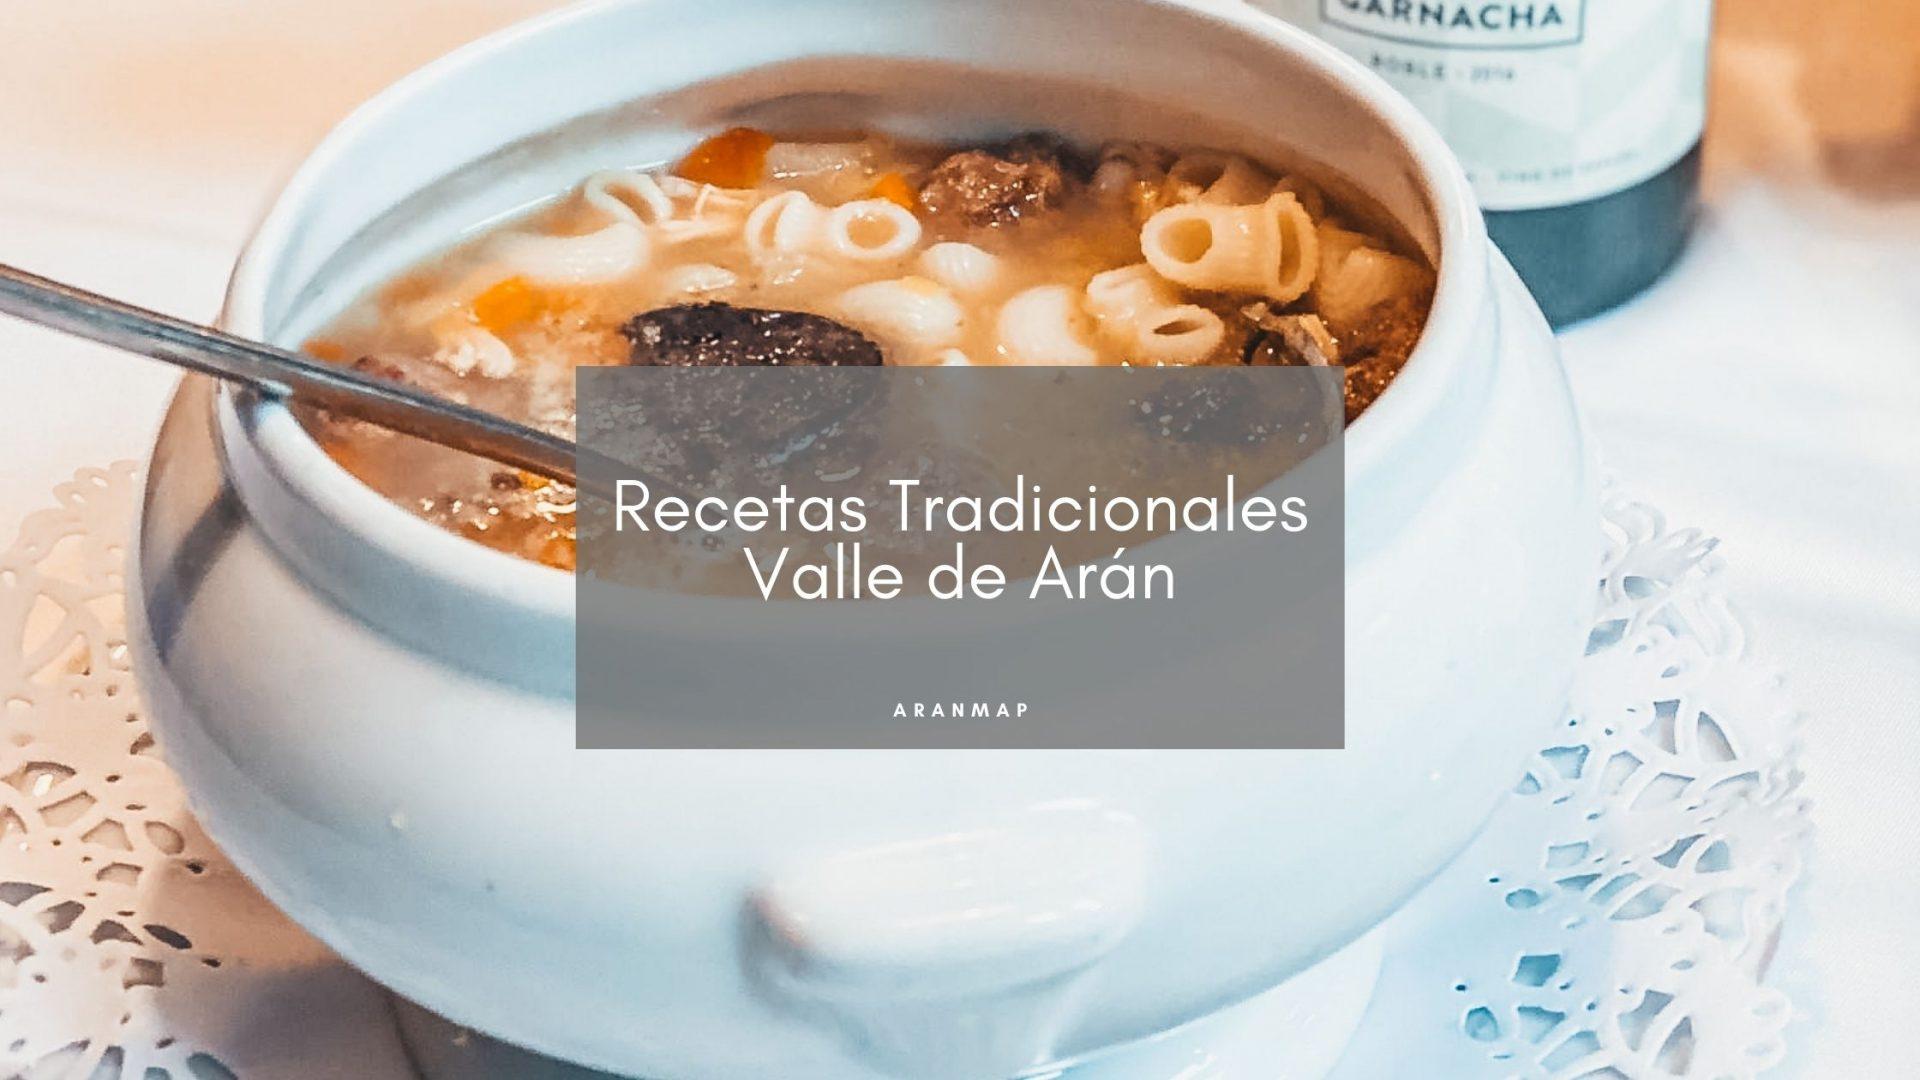 Recetas tradicionales del Valle de Arán para preparar en casa